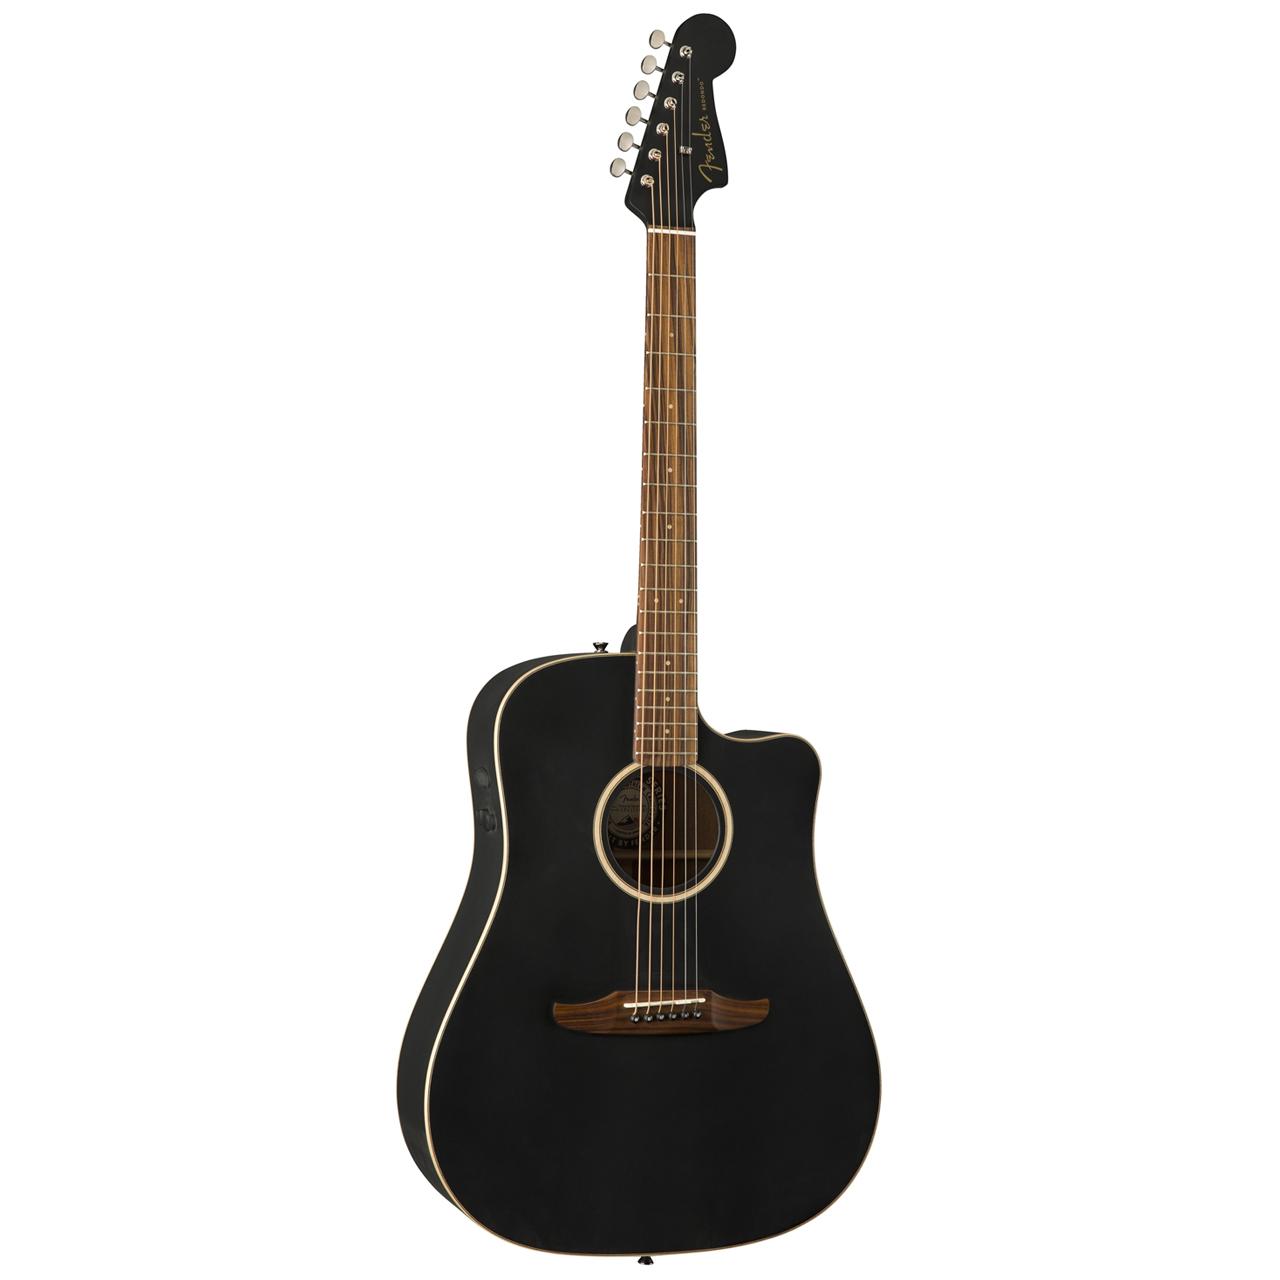 گیتار آکوستیک فندر مدل Redondo Spec Matte Bk W/Bag P